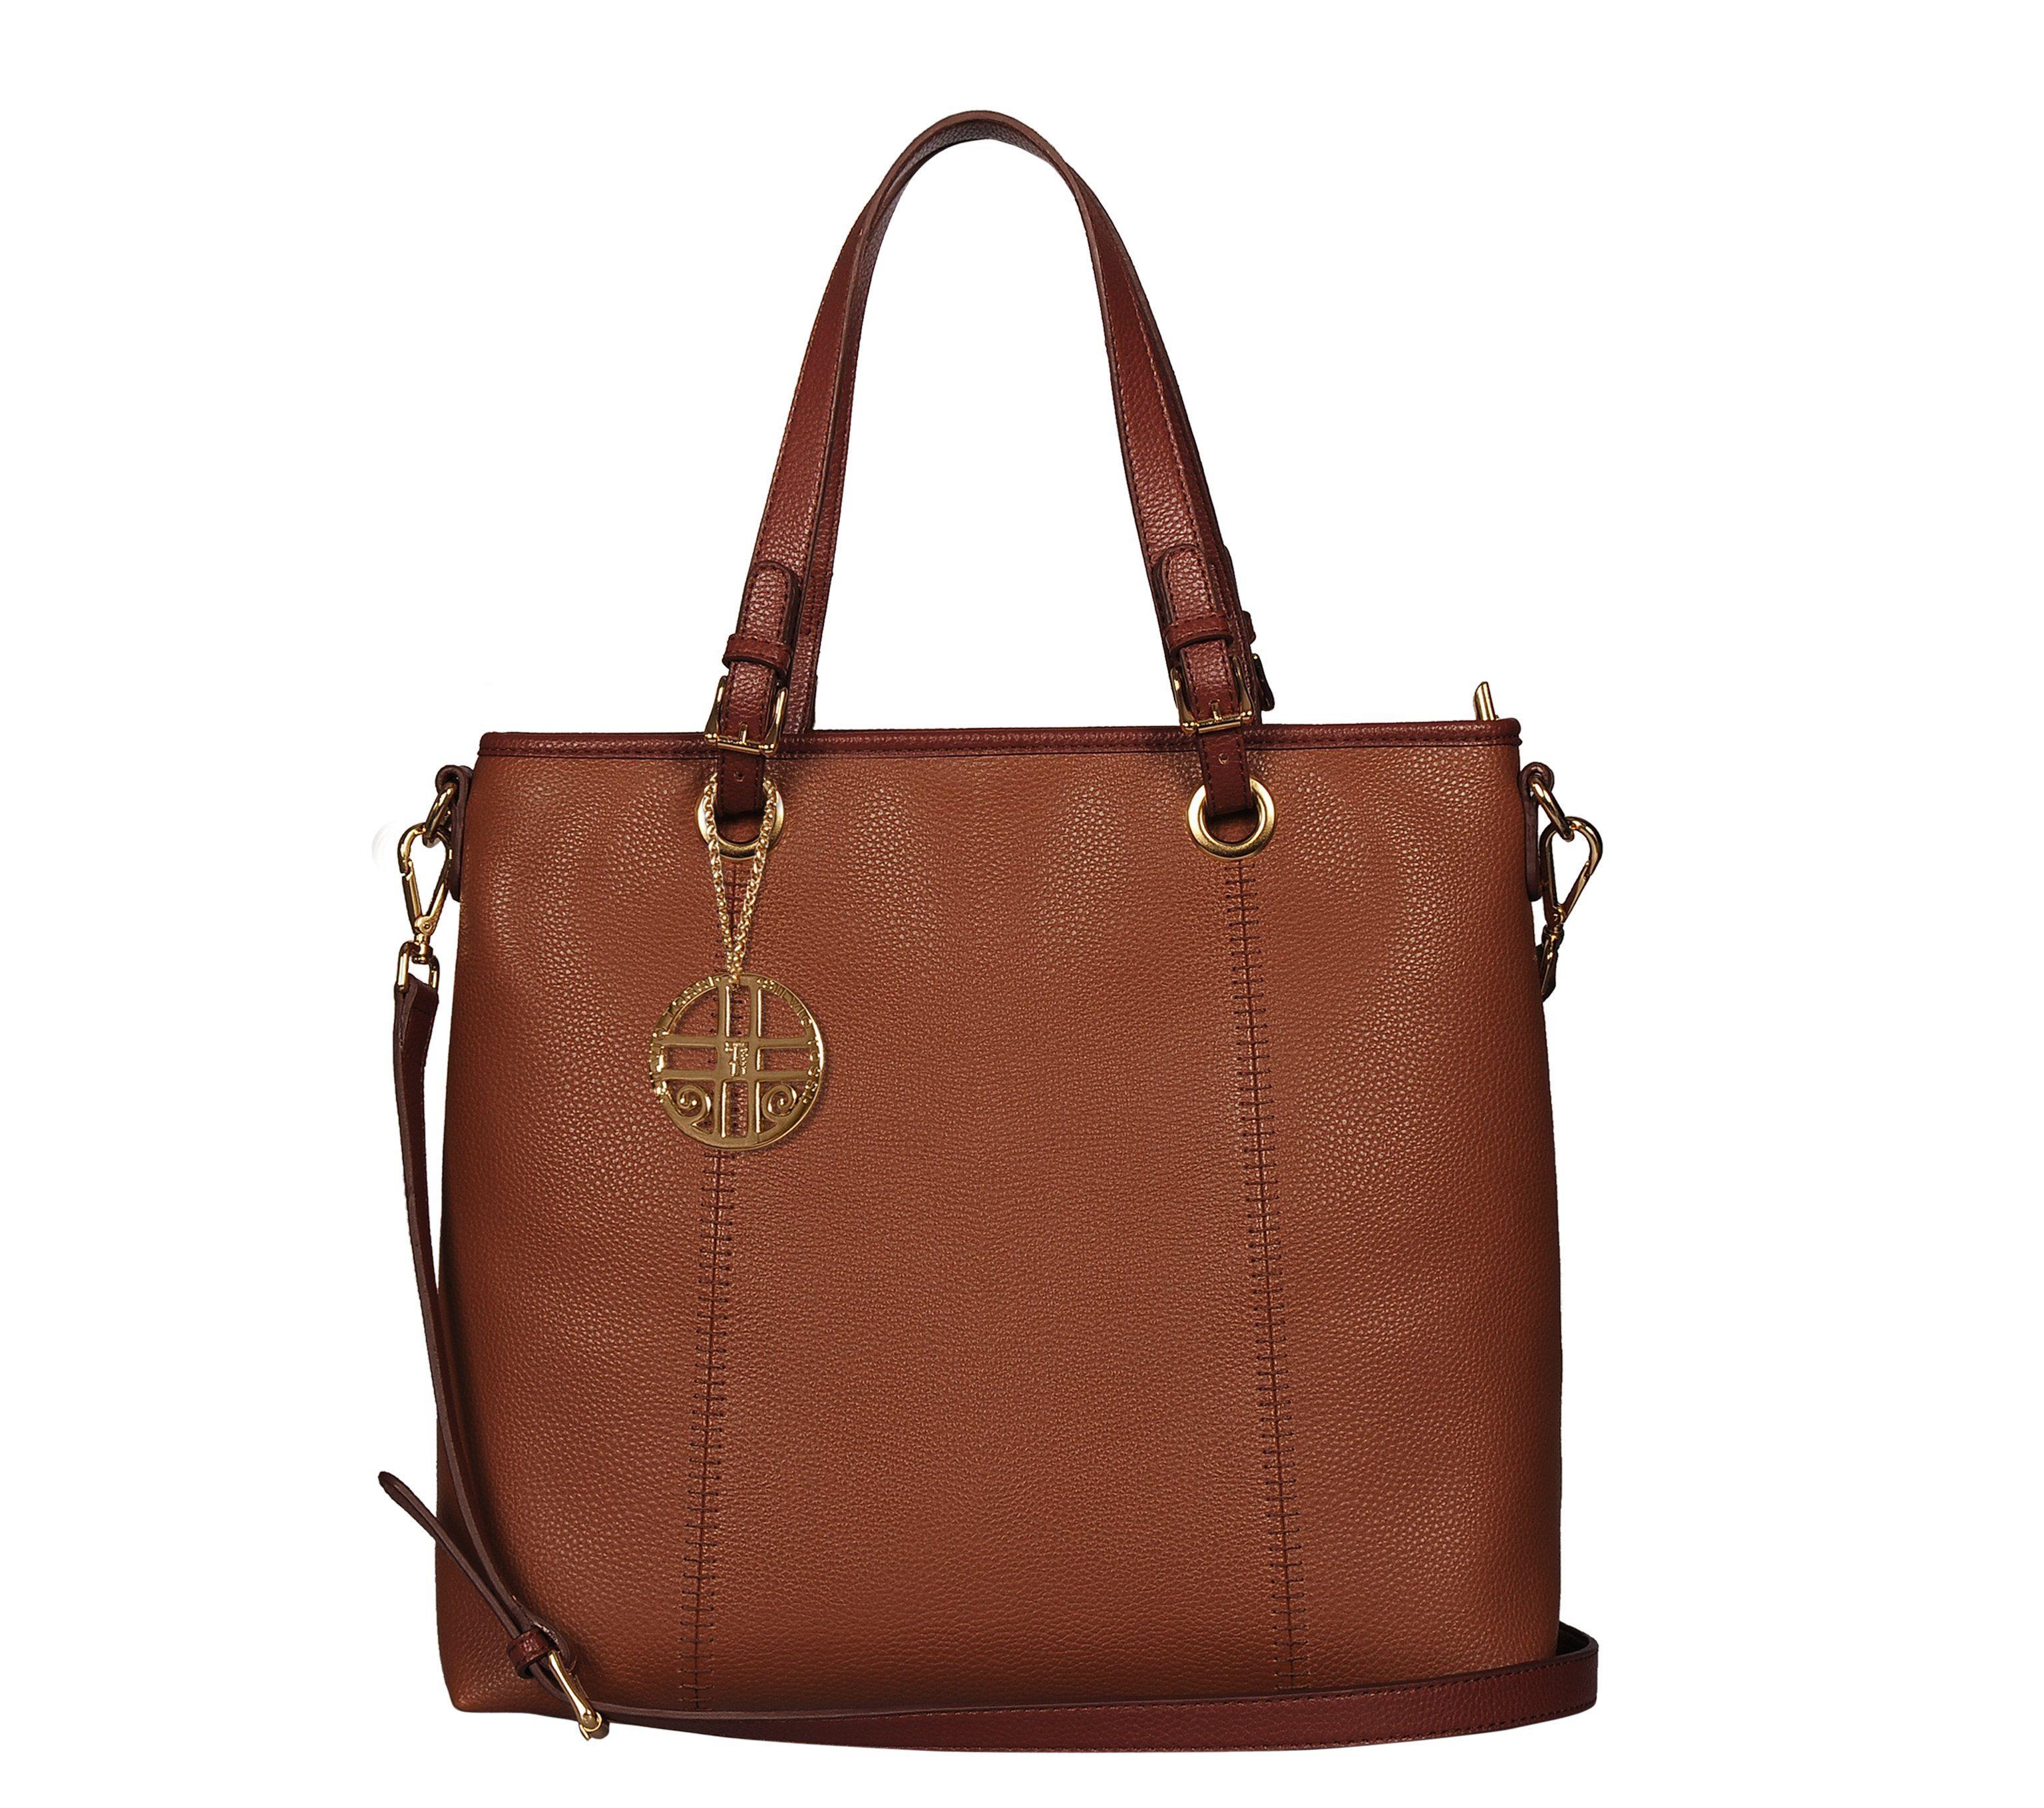 Silvio Tossi Handtasche mit Spezialschutzschicht